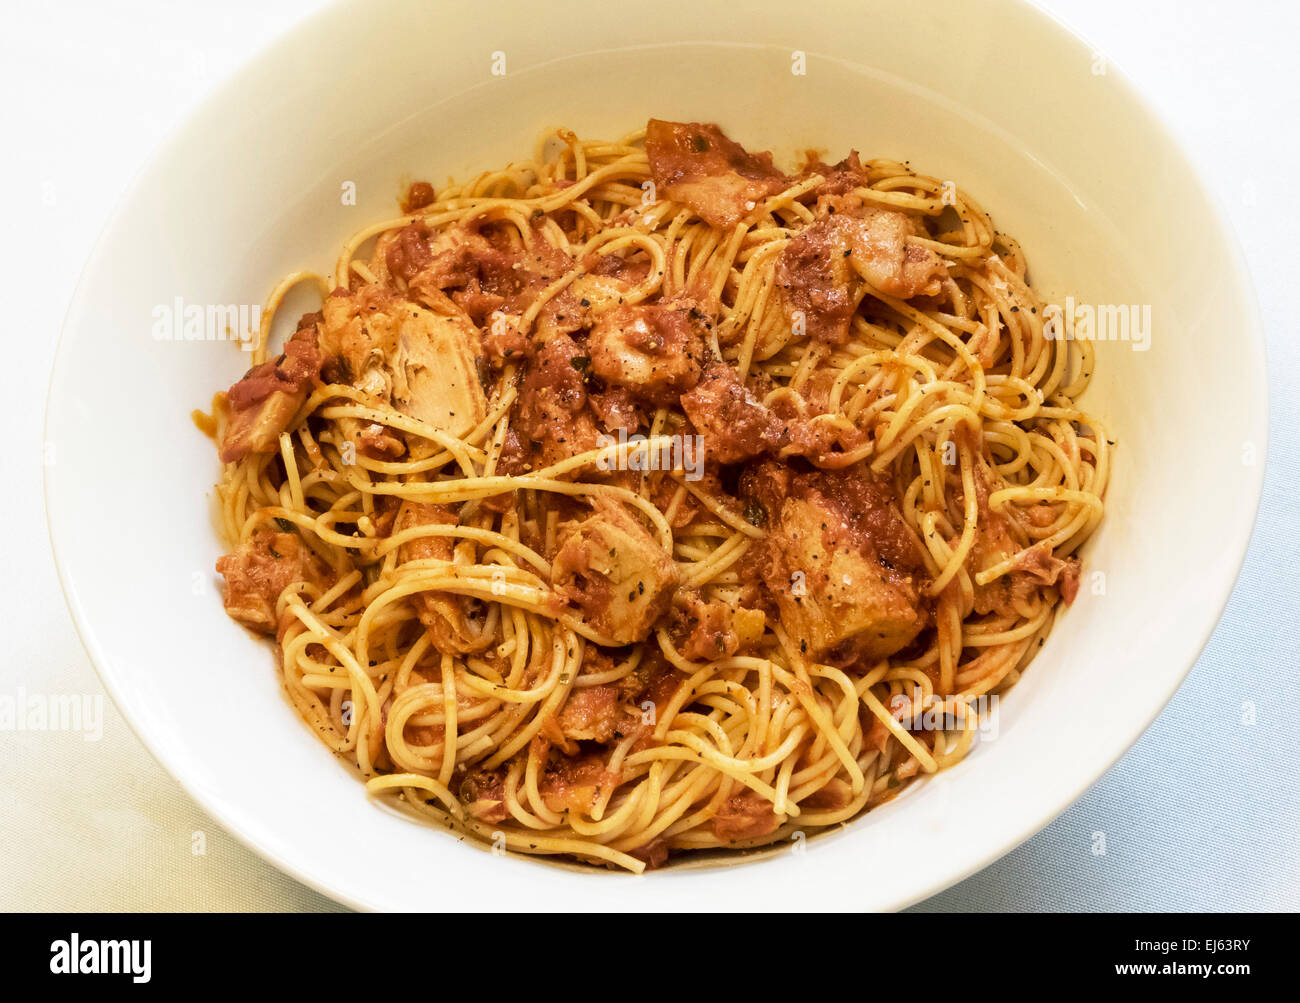 Spaghetti al tonno e pancetta e salsa di pomodoro Immagini Stock